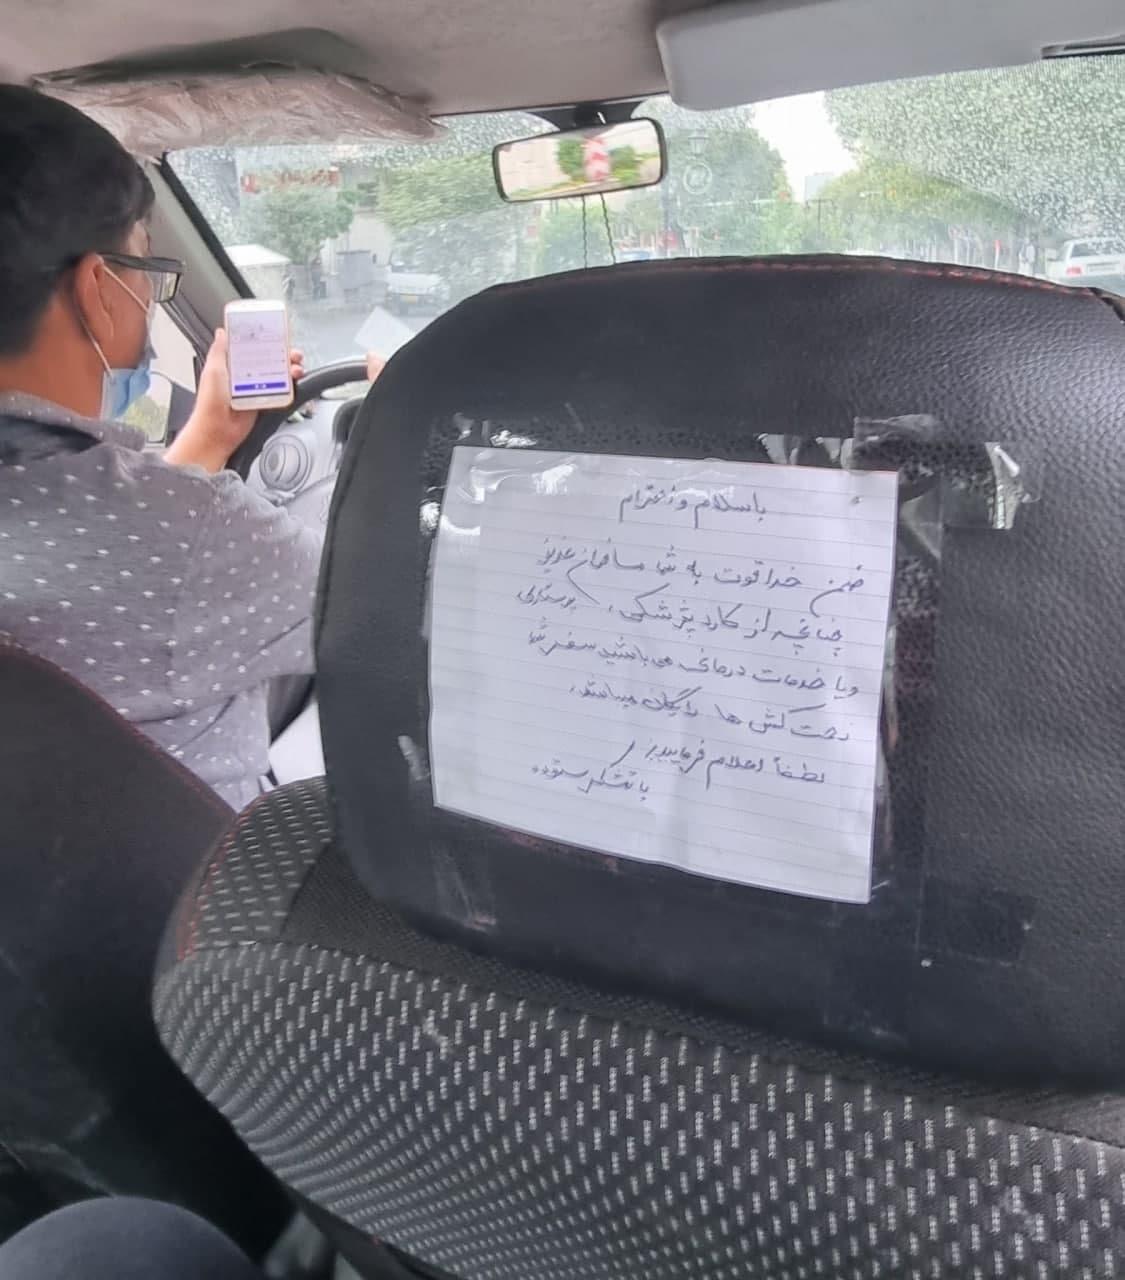 کار زیبای راننده تاکسی اینترنتی در تهران همه را متاثر کرد+عکس